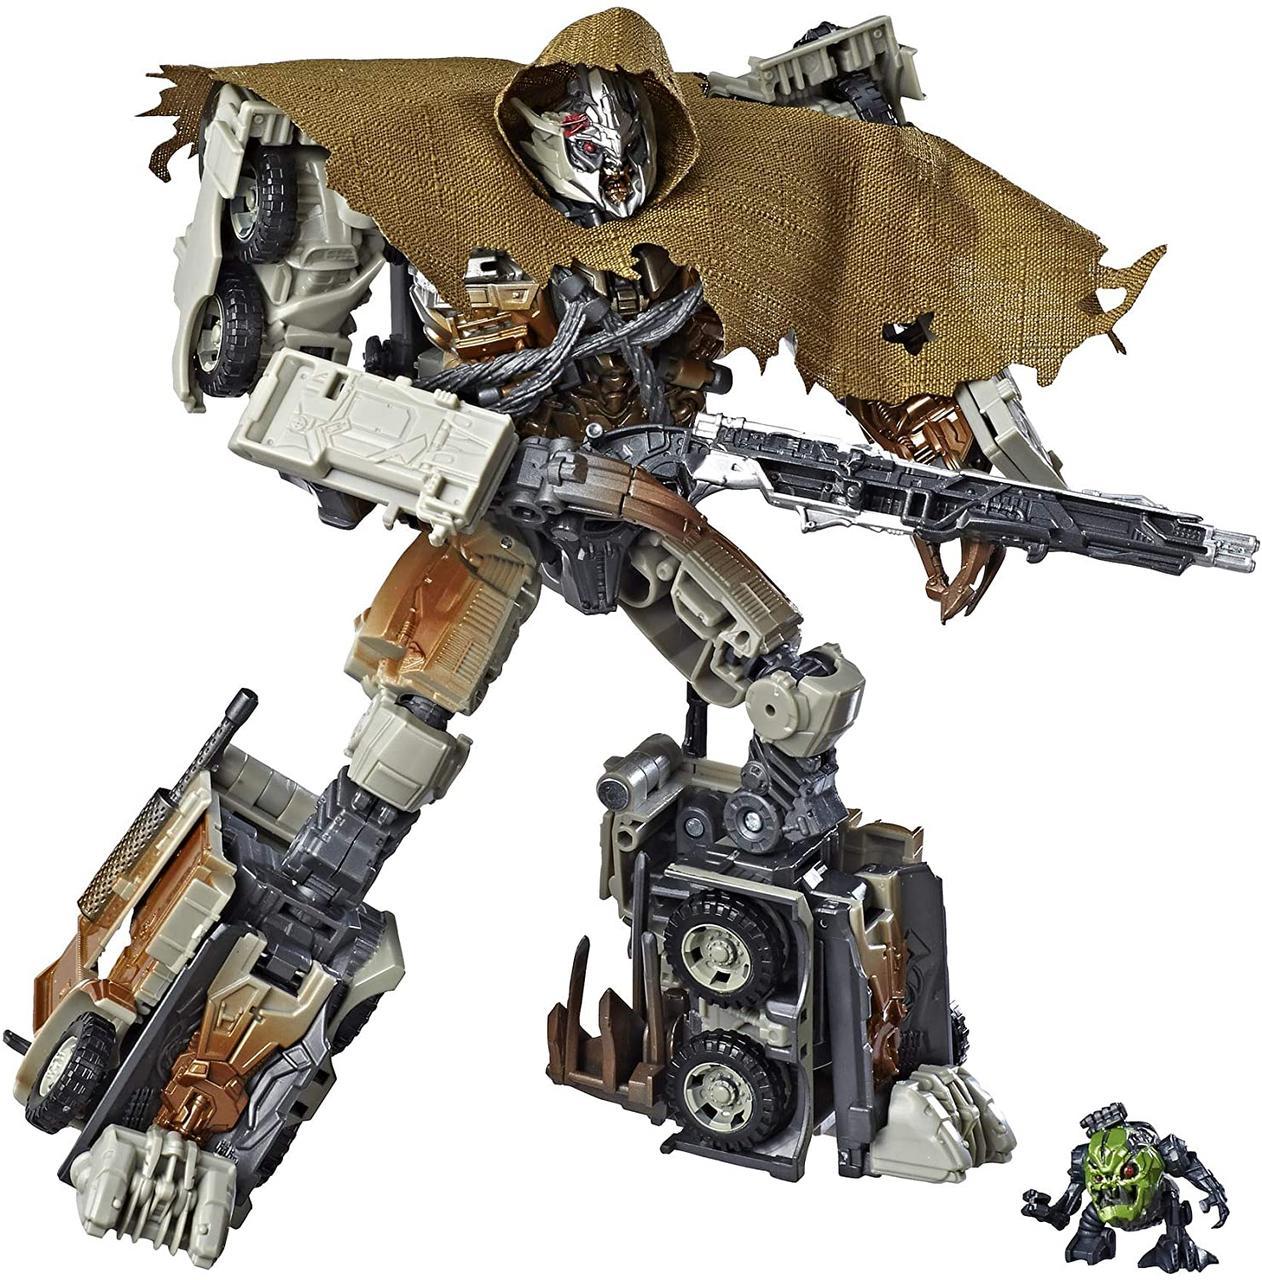 Робот-трансформер Hasbro Мегатрон, Тёмная Сторона Луны, 22 см - Transformers DOTM Megatron Studio Series